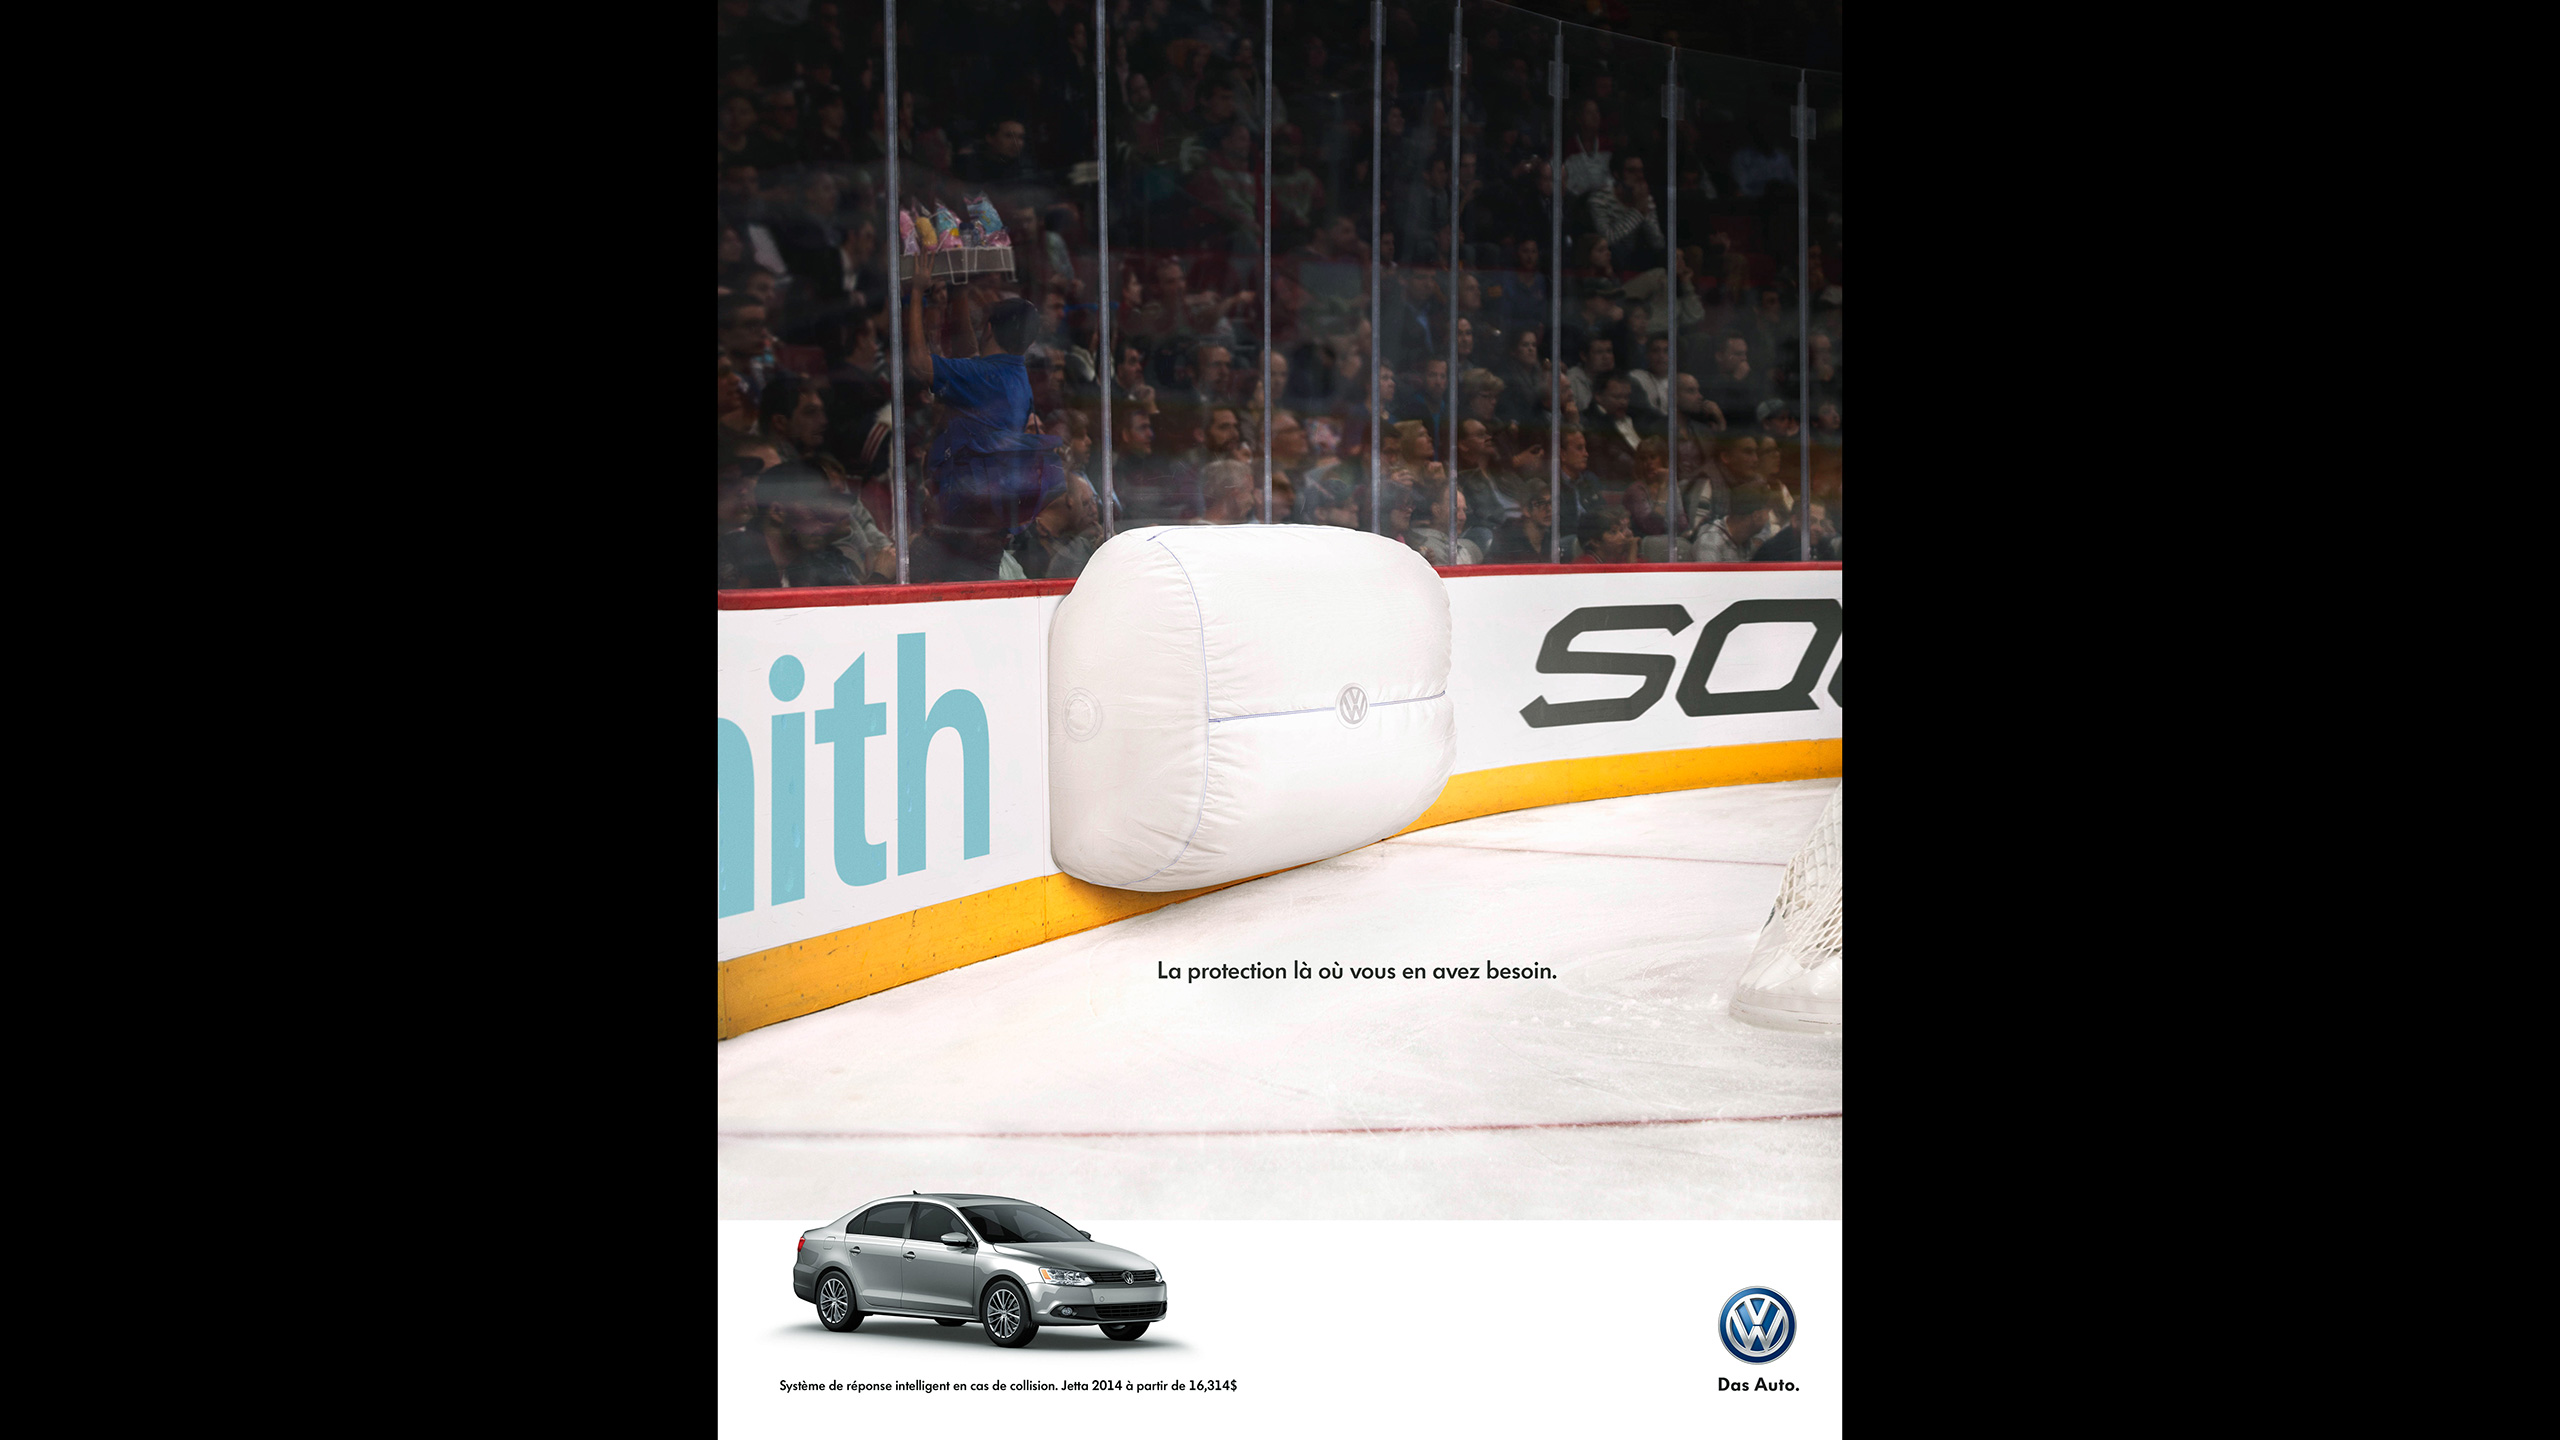 PROJET-PUB VW-PROTECTION